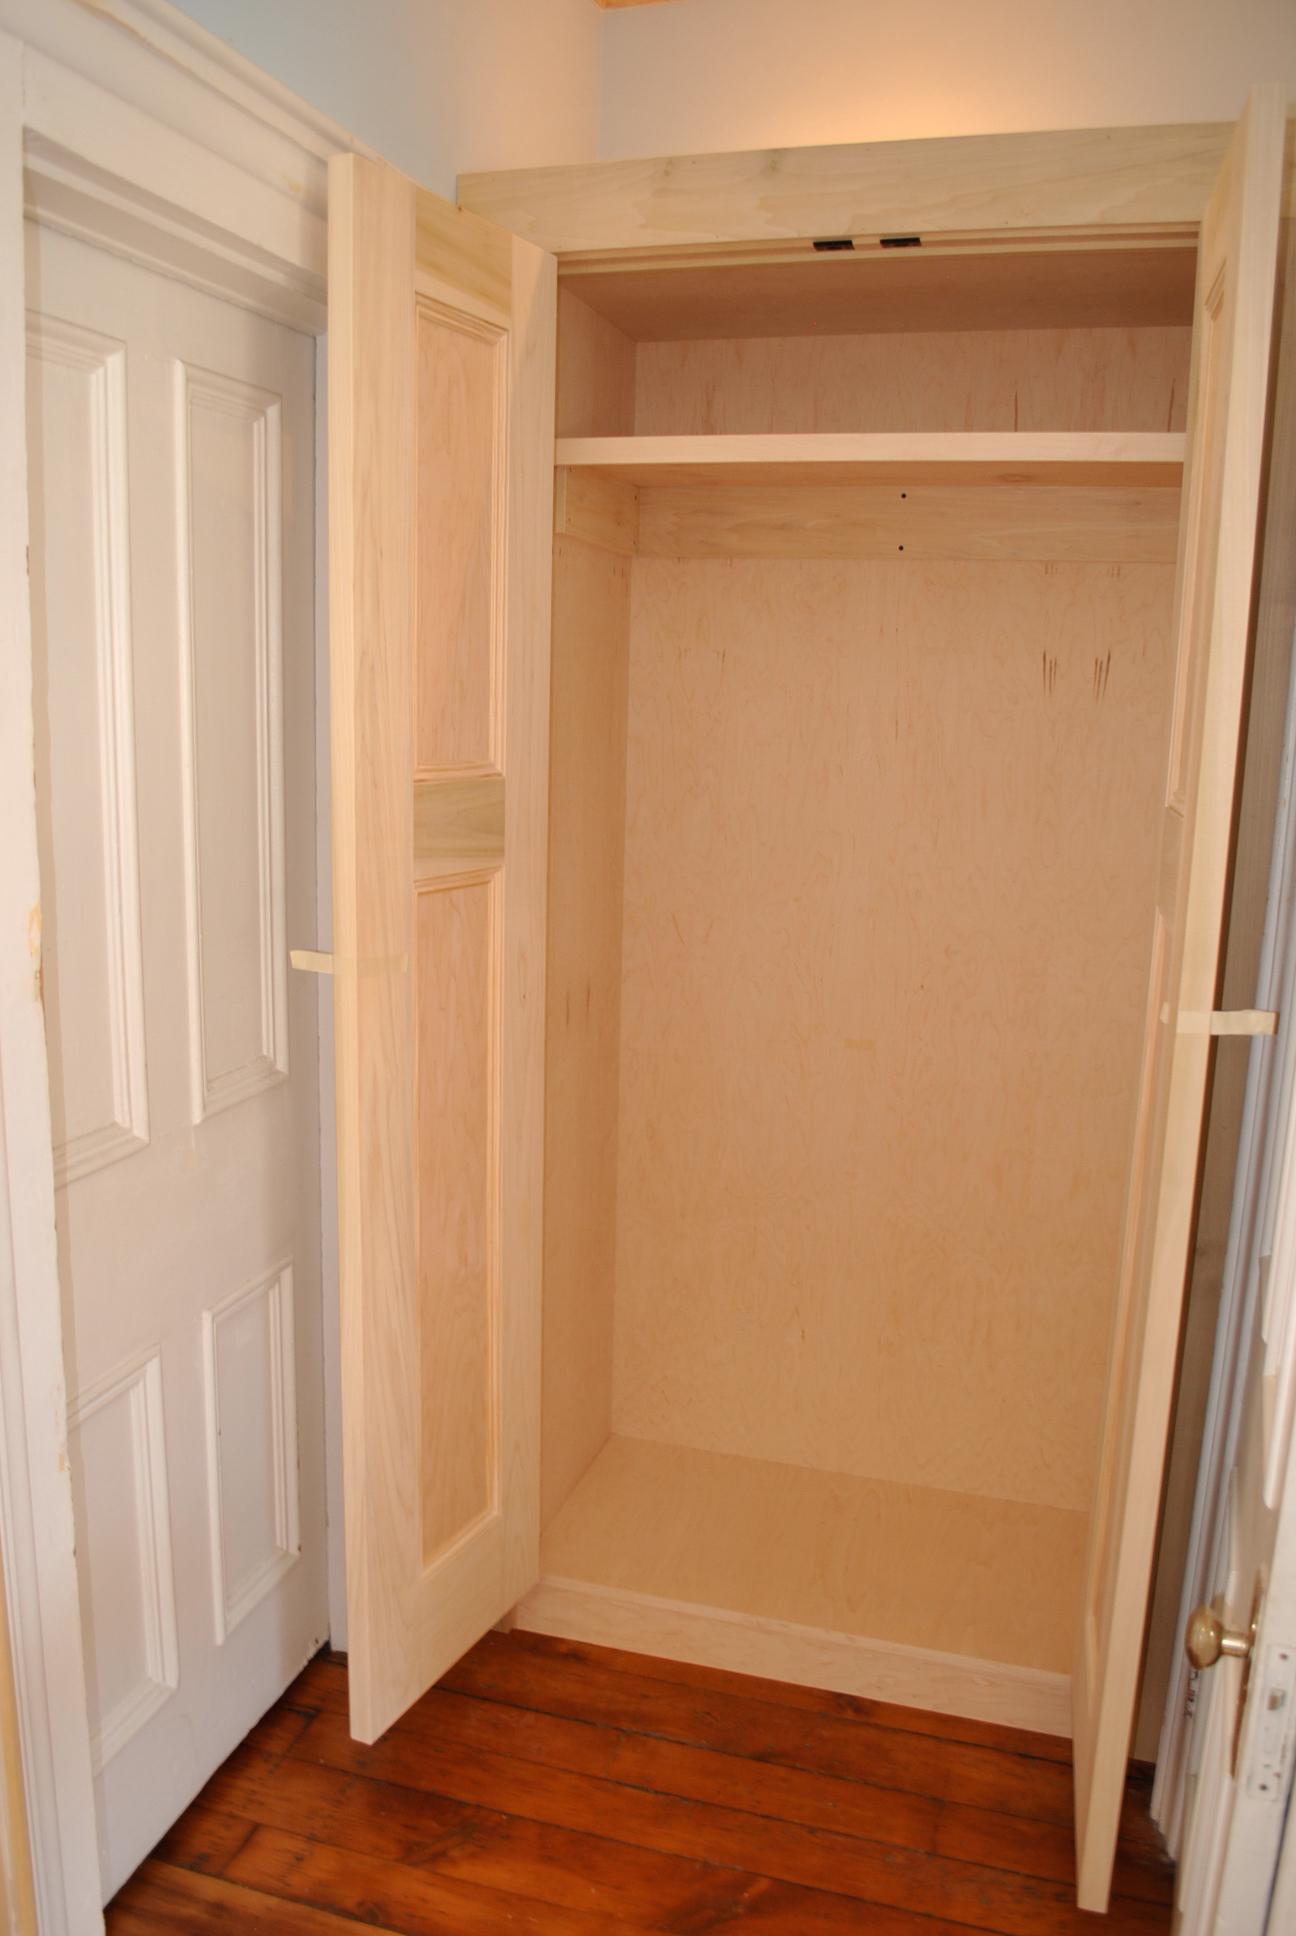 Inside of closet.